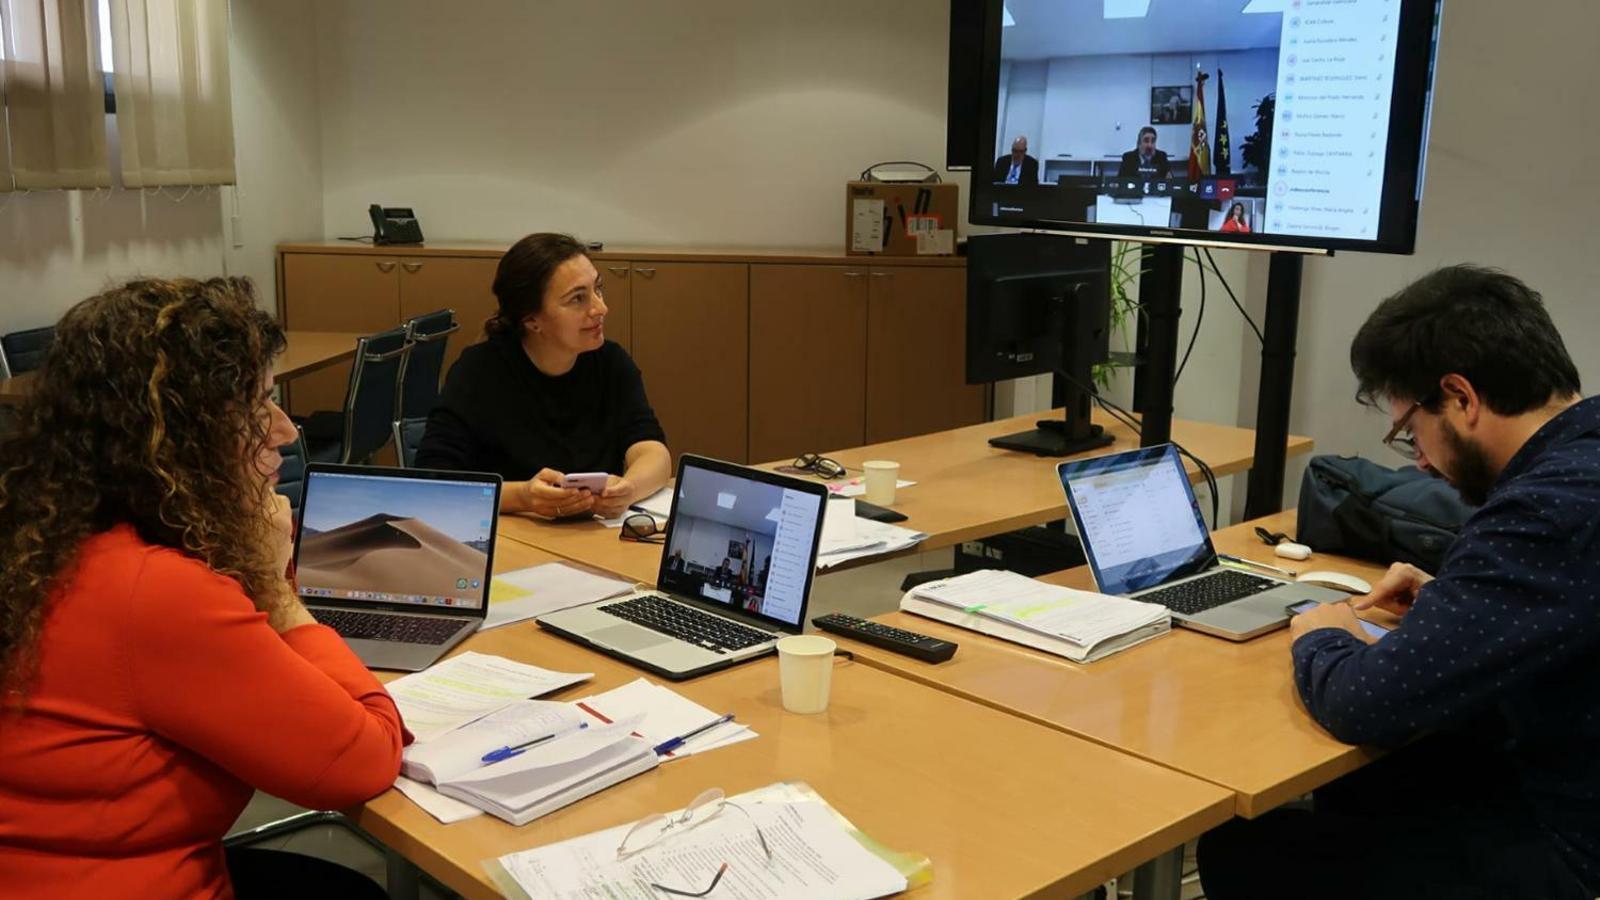 Pilar Costa, Catalina Solivellas i Mateu Malondra, durant la reunió amb el ministre de Cultura i els altres consellers de cultura de l'Estat